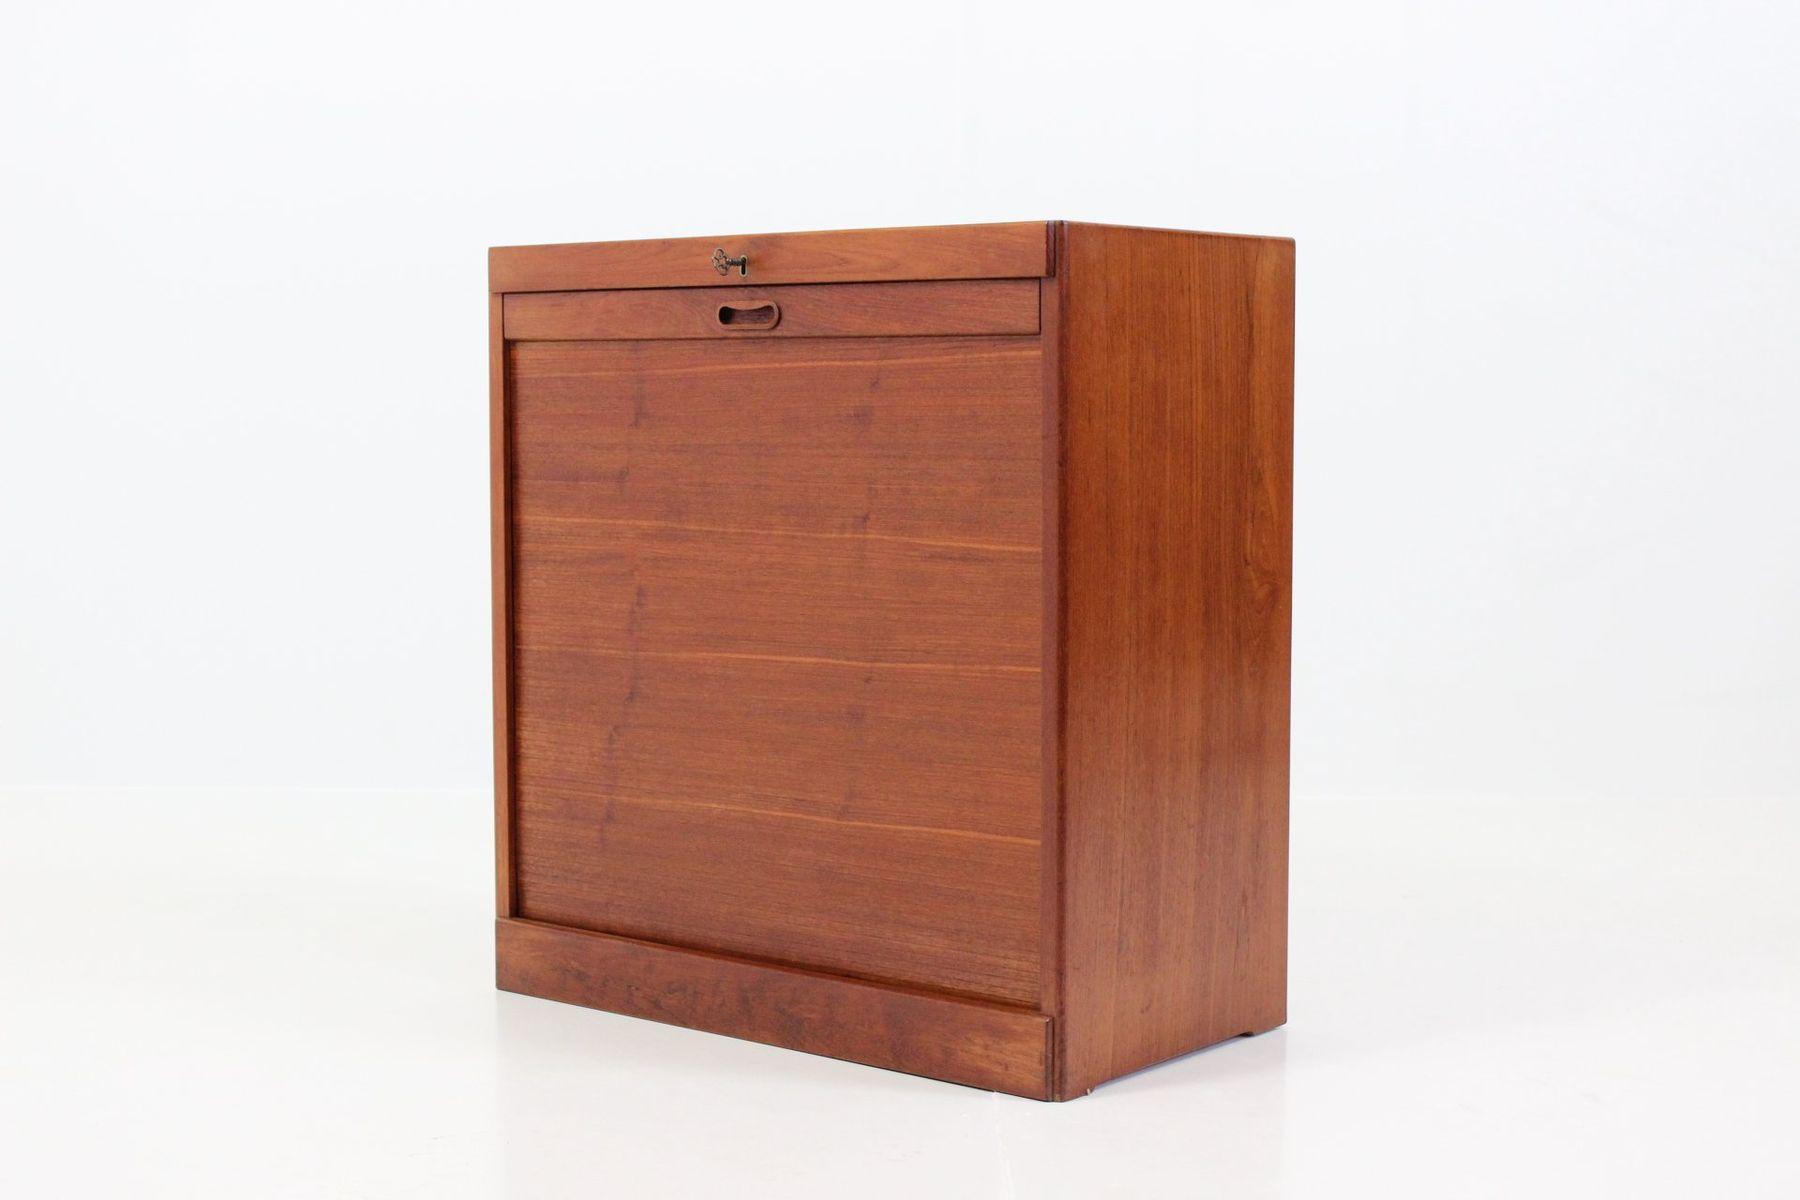 d nischer teak schrank mit rollt ren bei pamono kaufen. Black Bedroom Furniture Sets. Home Design Ideas